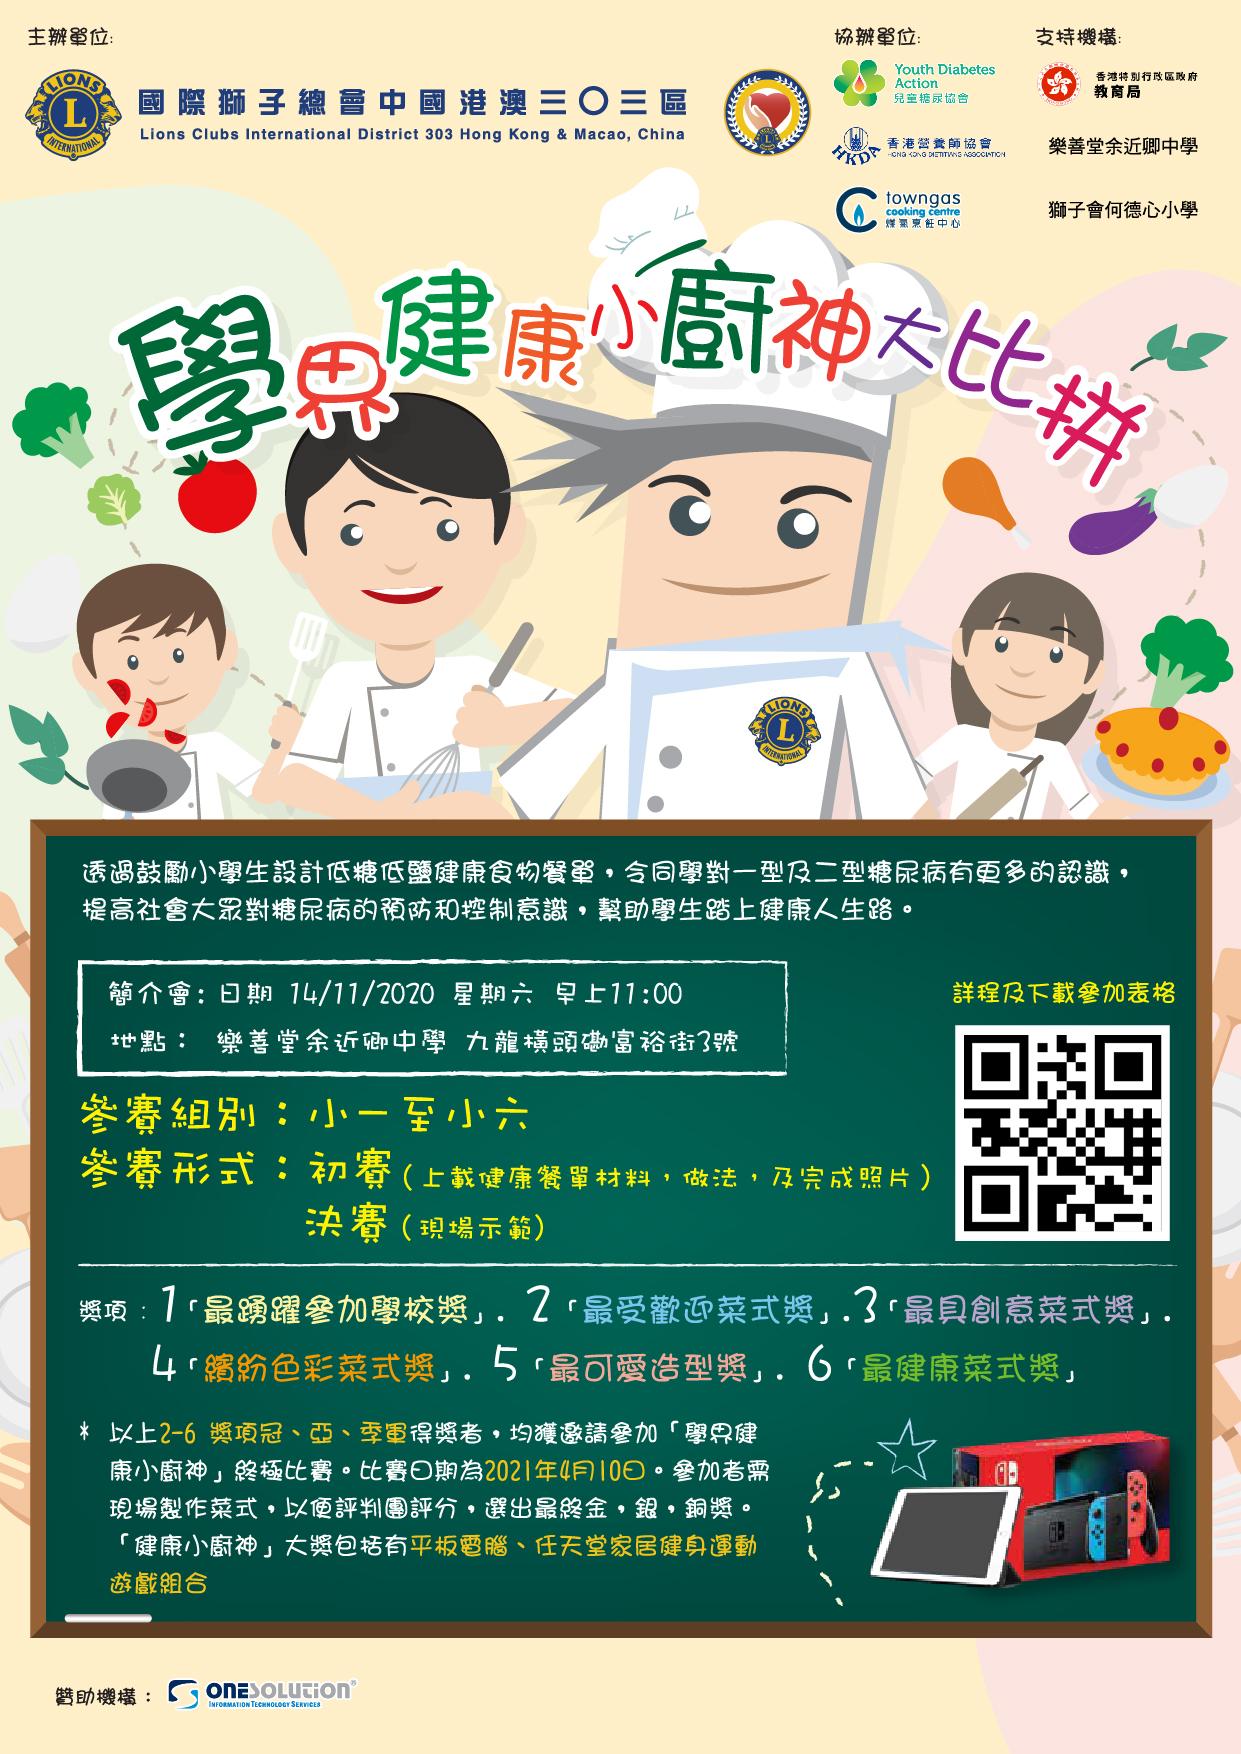 cheflions-seminar-poster.jpg (1.23 MB)